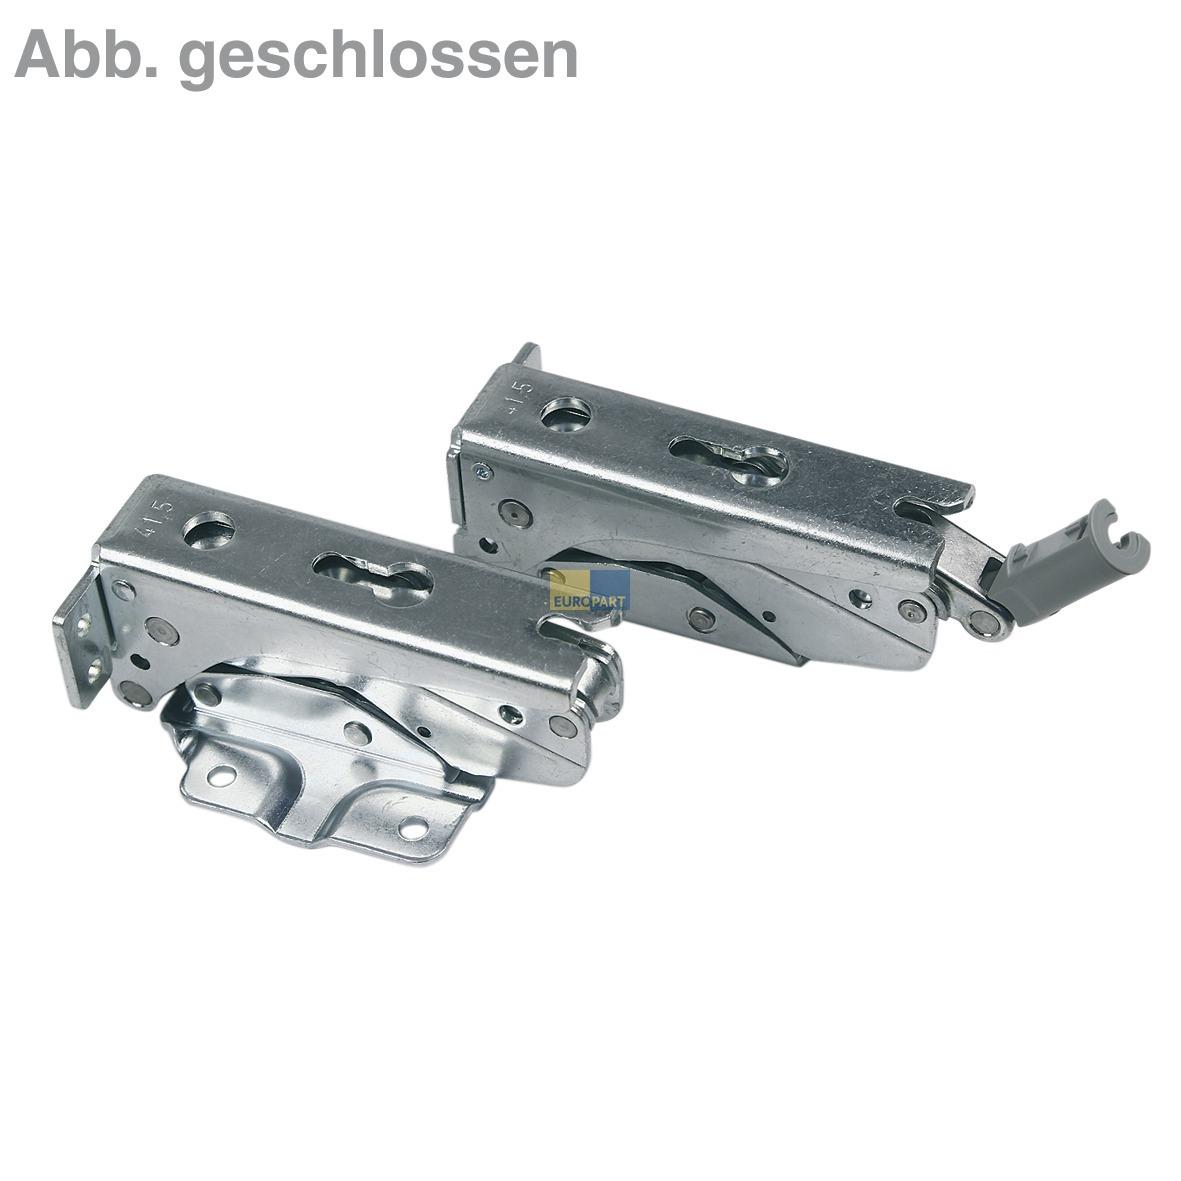 Reparatursatz Dämpfer Scharniere Liebherr 9590166 - ABEA ...